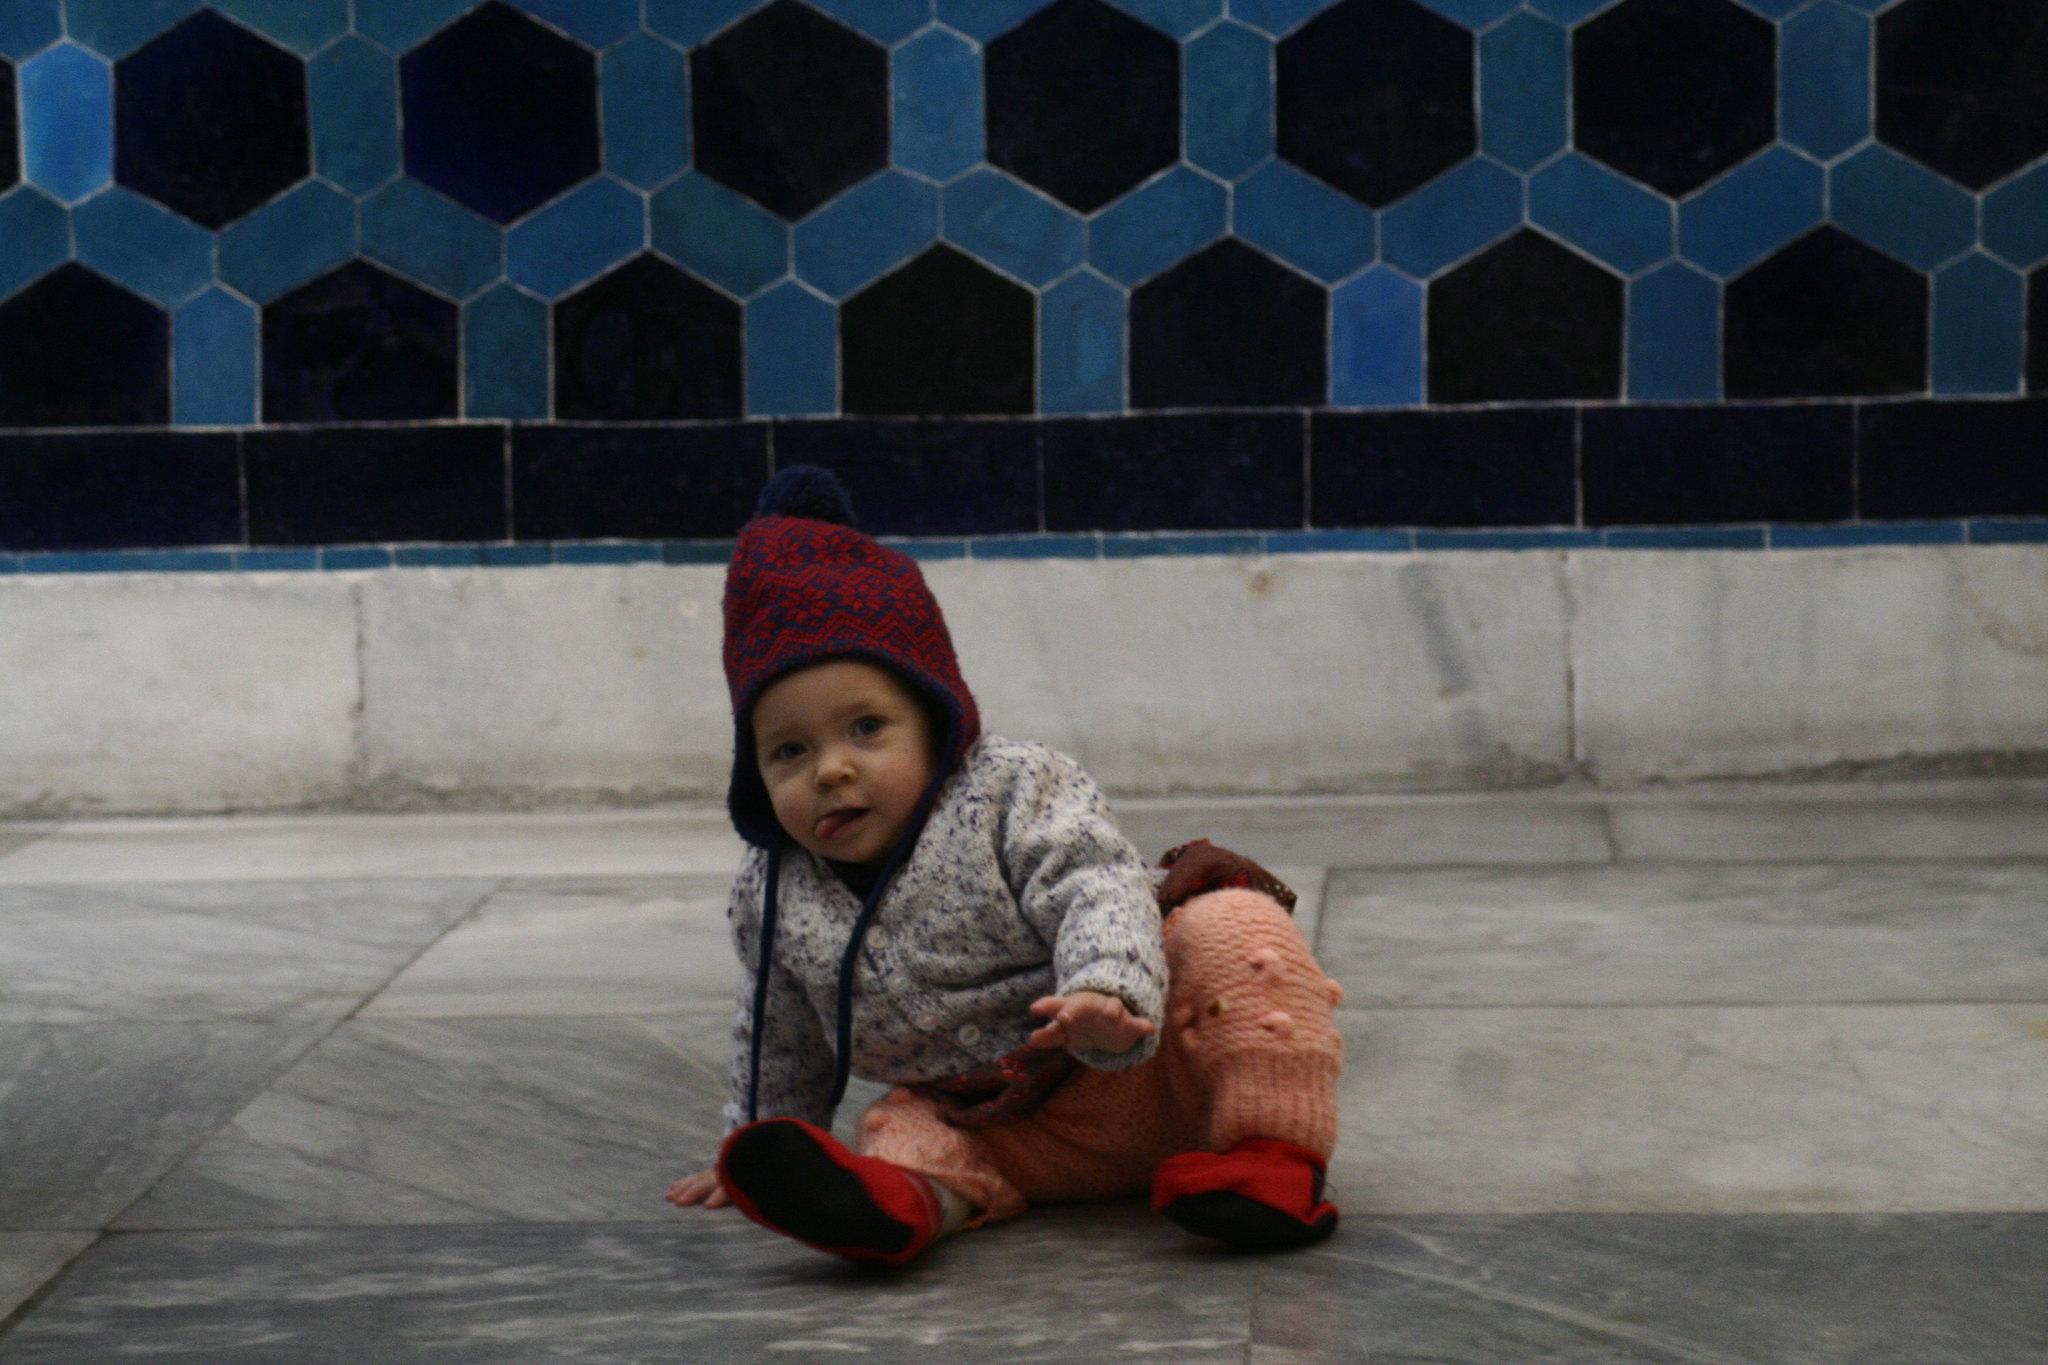 Neve in the Tiled Kiosk